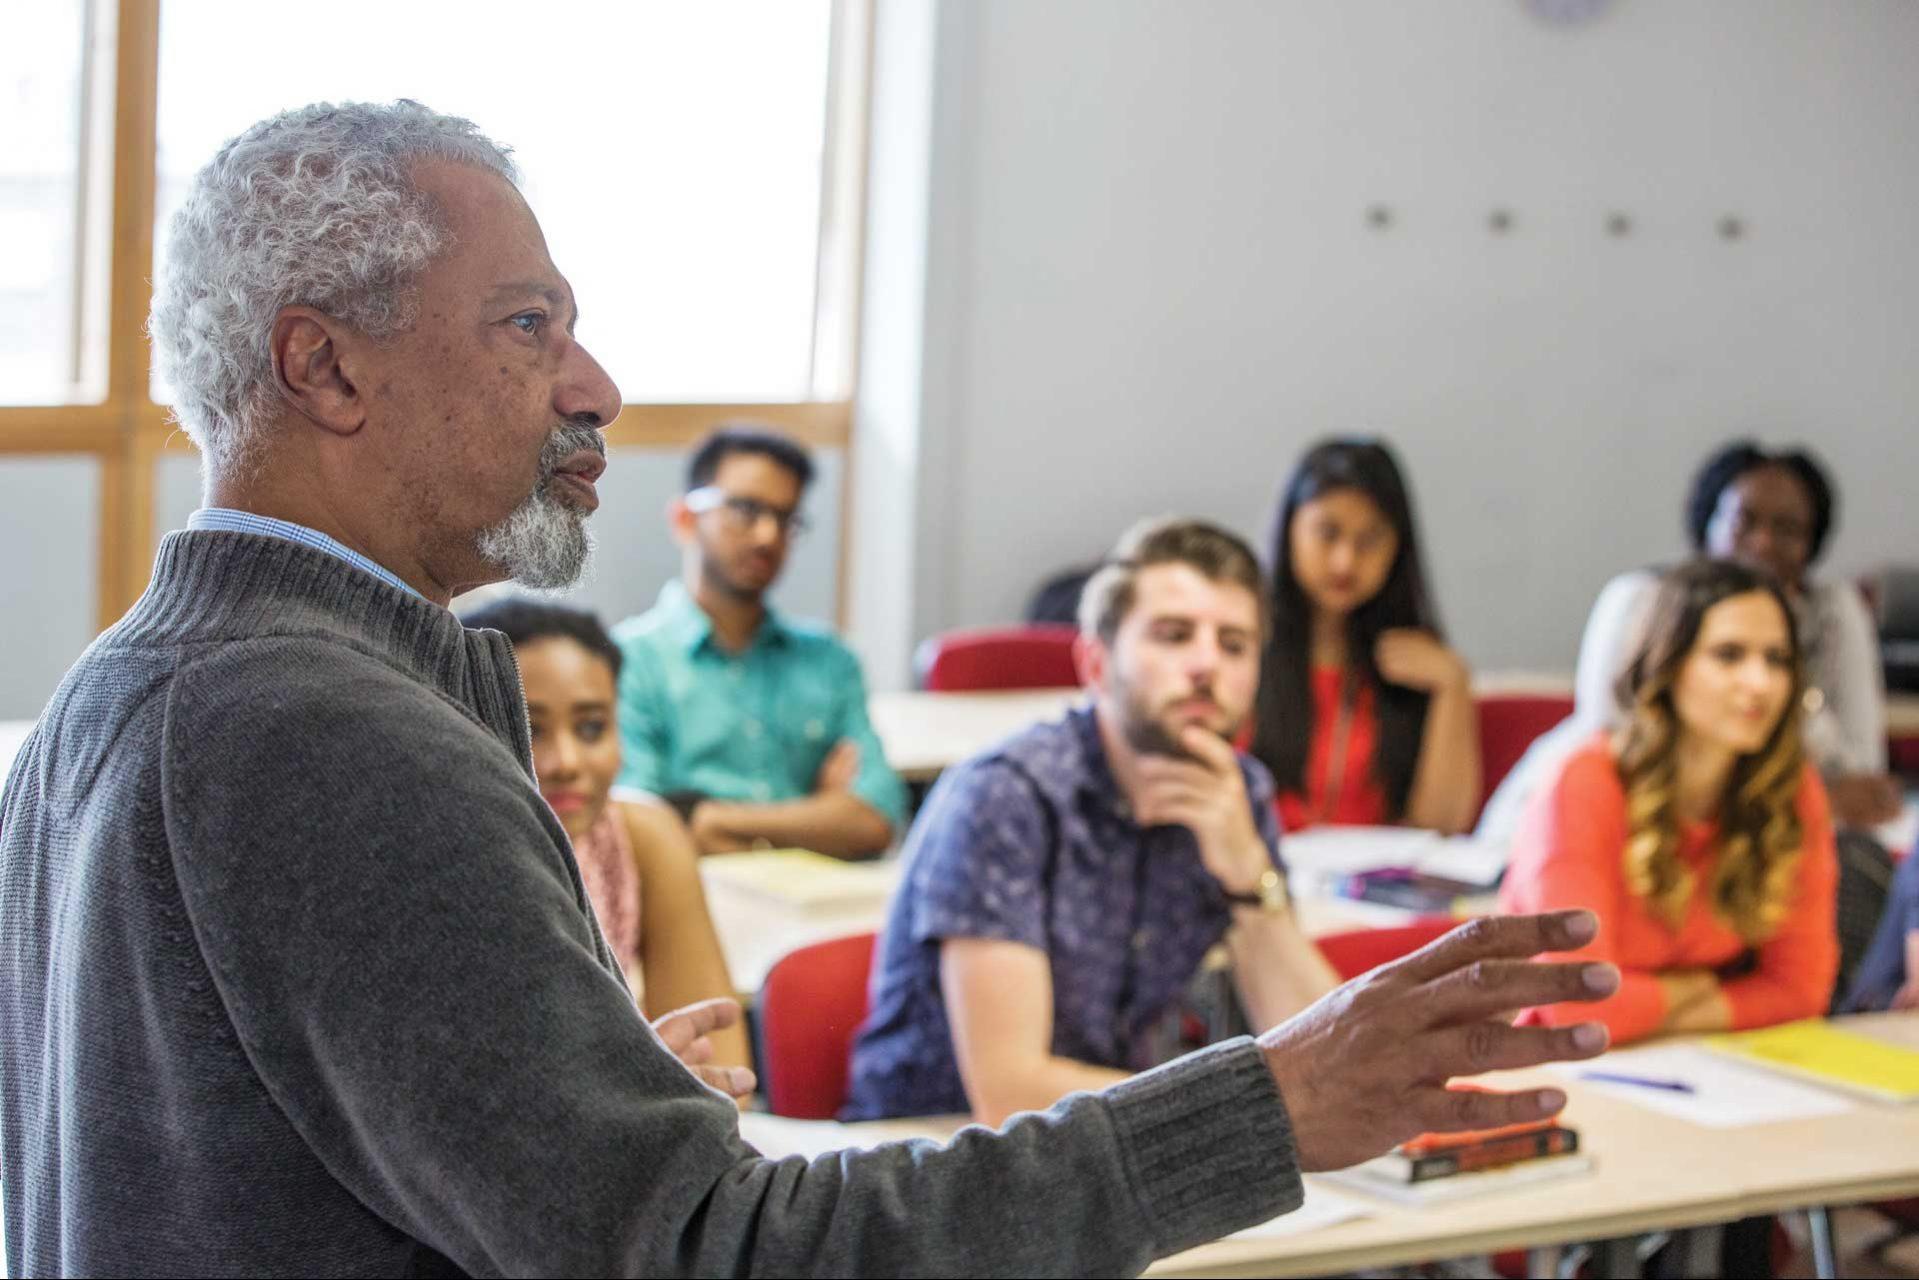 Abdulrazak Gurnah, laureatul Premiul Nobel pentru Literatură 2021, profesor la Universitatea Kent